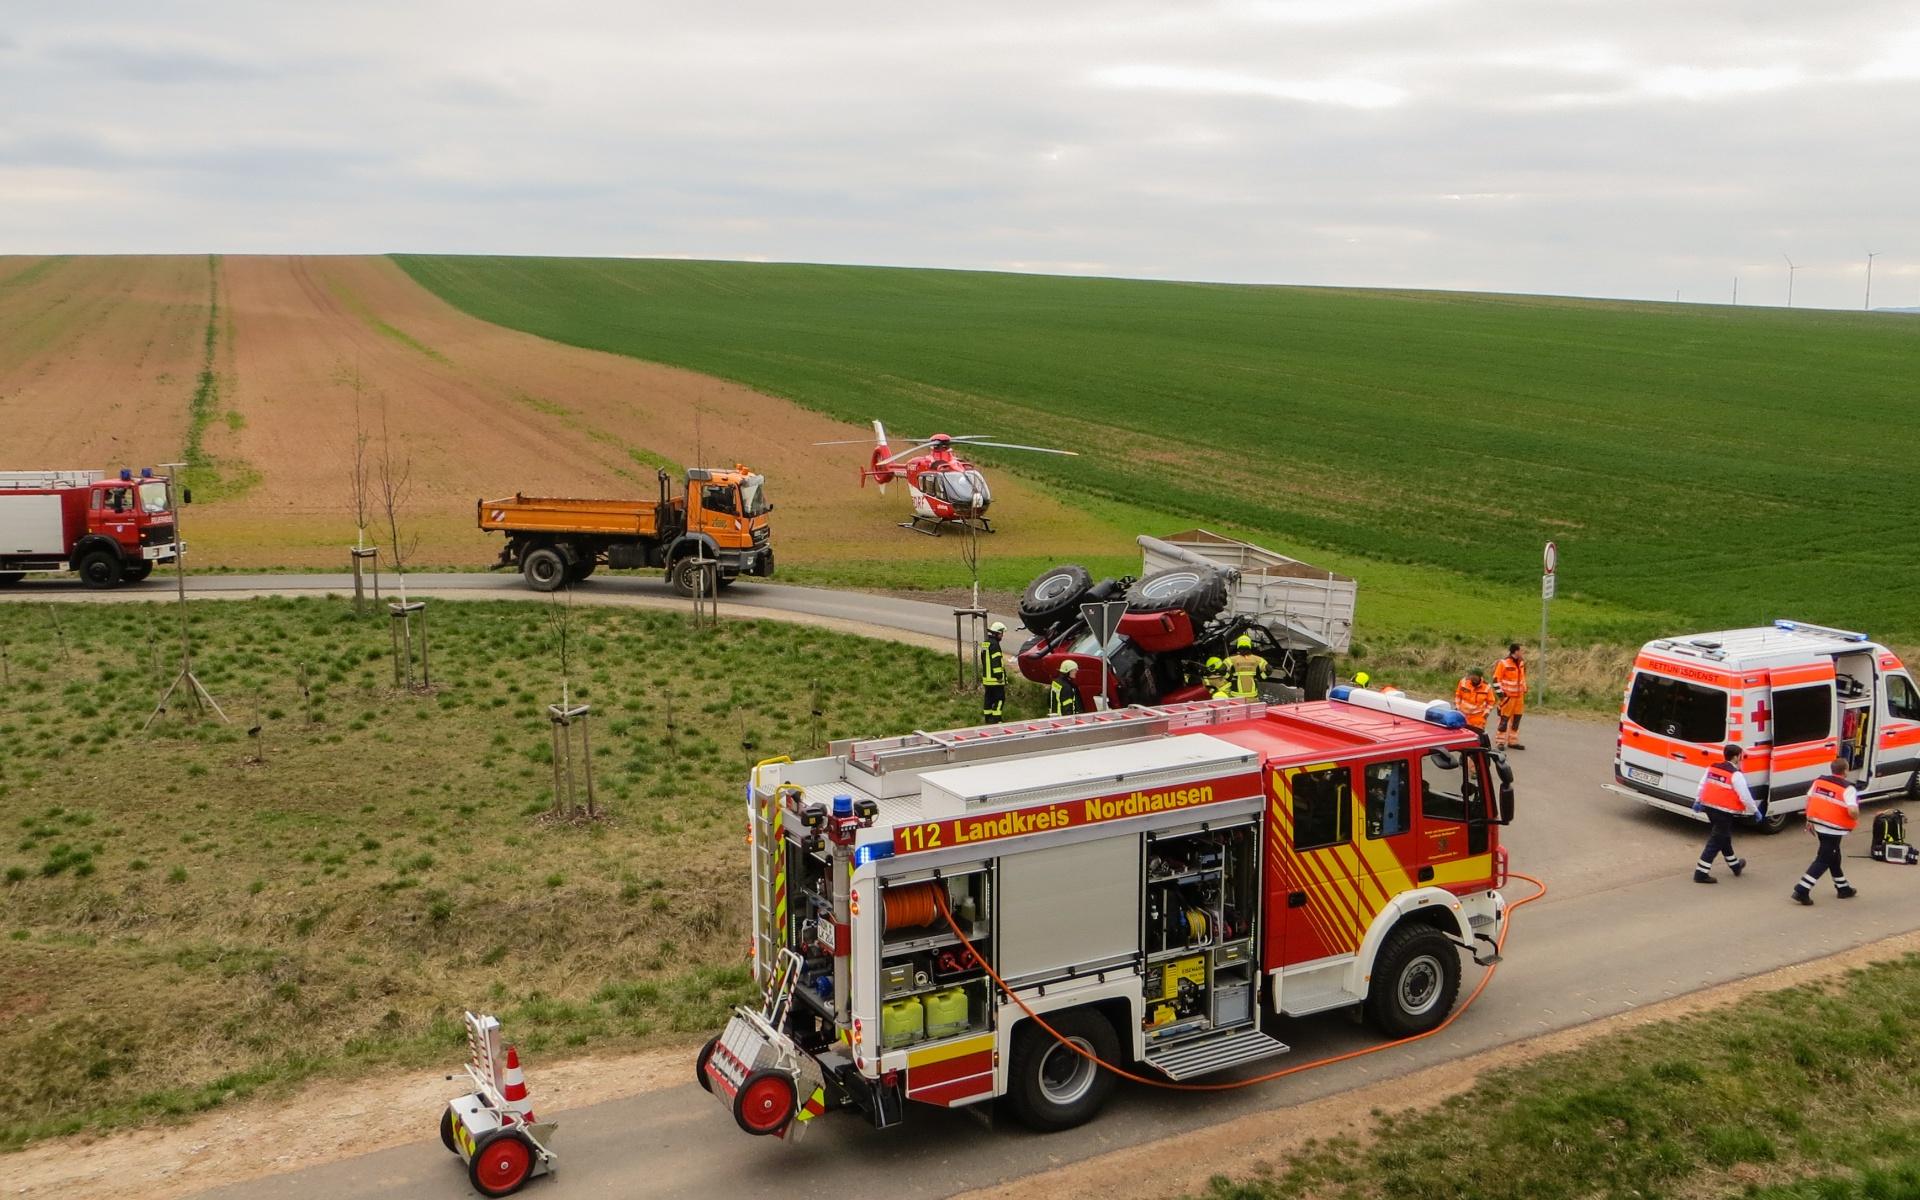 Unfälle mit landwirtschaftlichen Geräten und Fahrzeugen fordern immer wieder Schwerverletzte und sogar Tote. Die beiden Insassen des Traktors, der nahe Nordhausen umkippte, hatten jedoch Glück und wurden nur leicht verletzt.